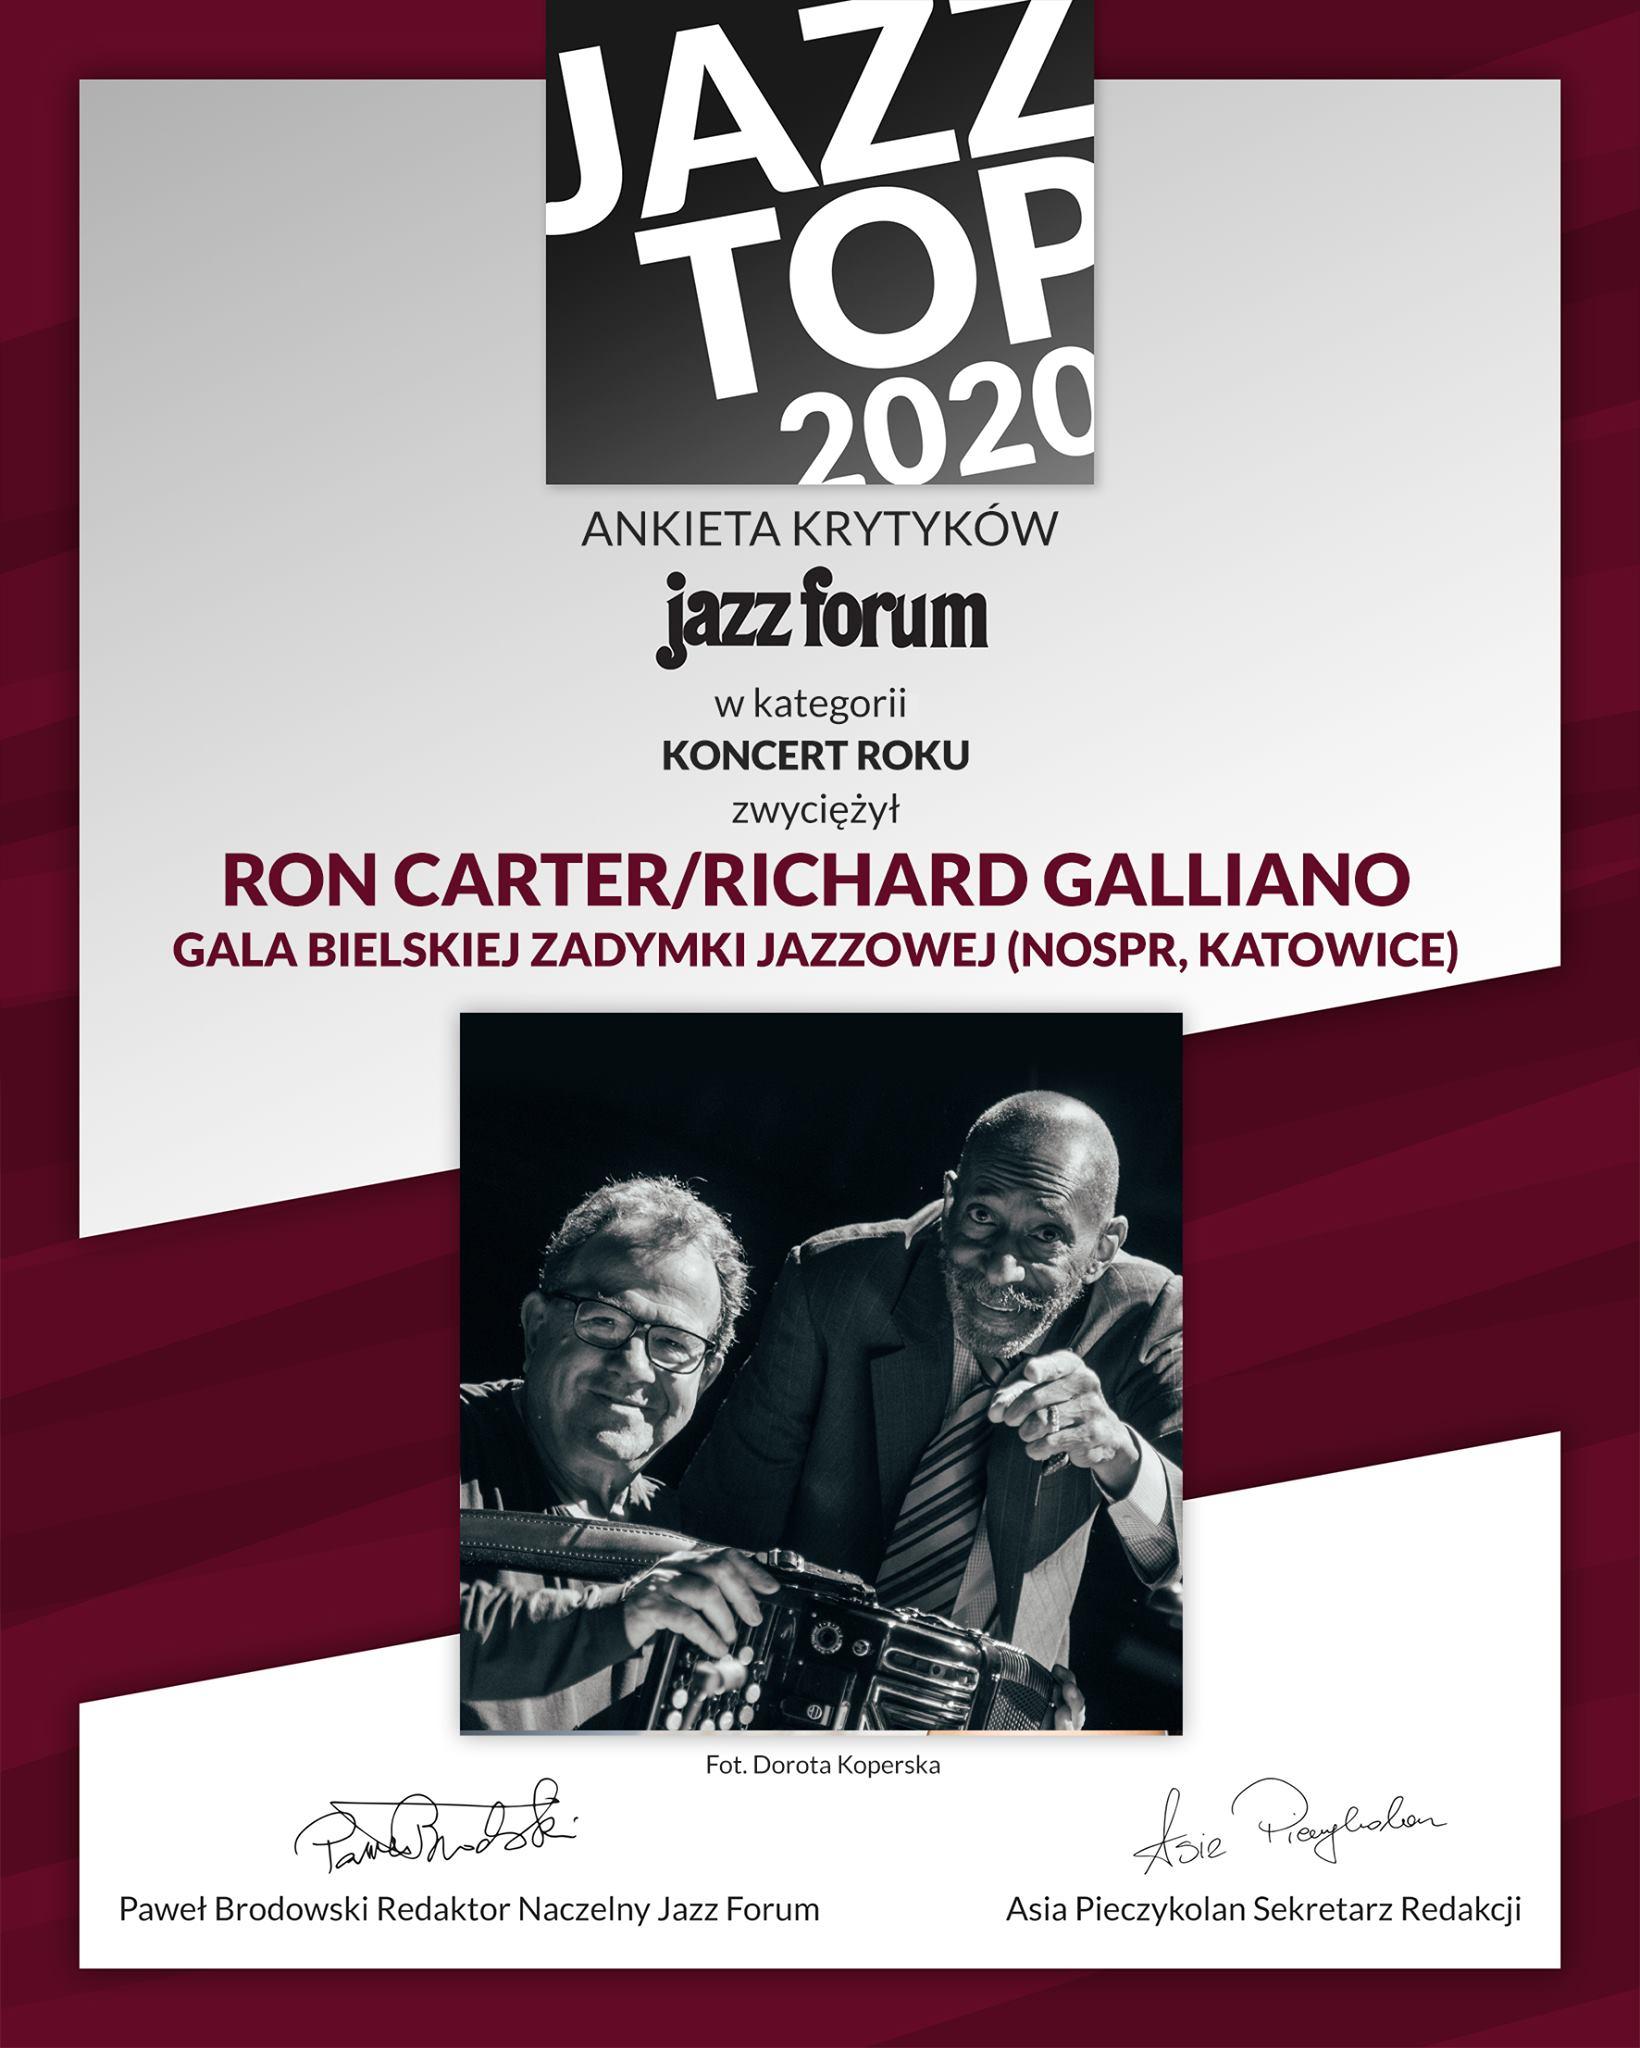 Dyplom Jazz Top 2020 dla Koncertu Roku